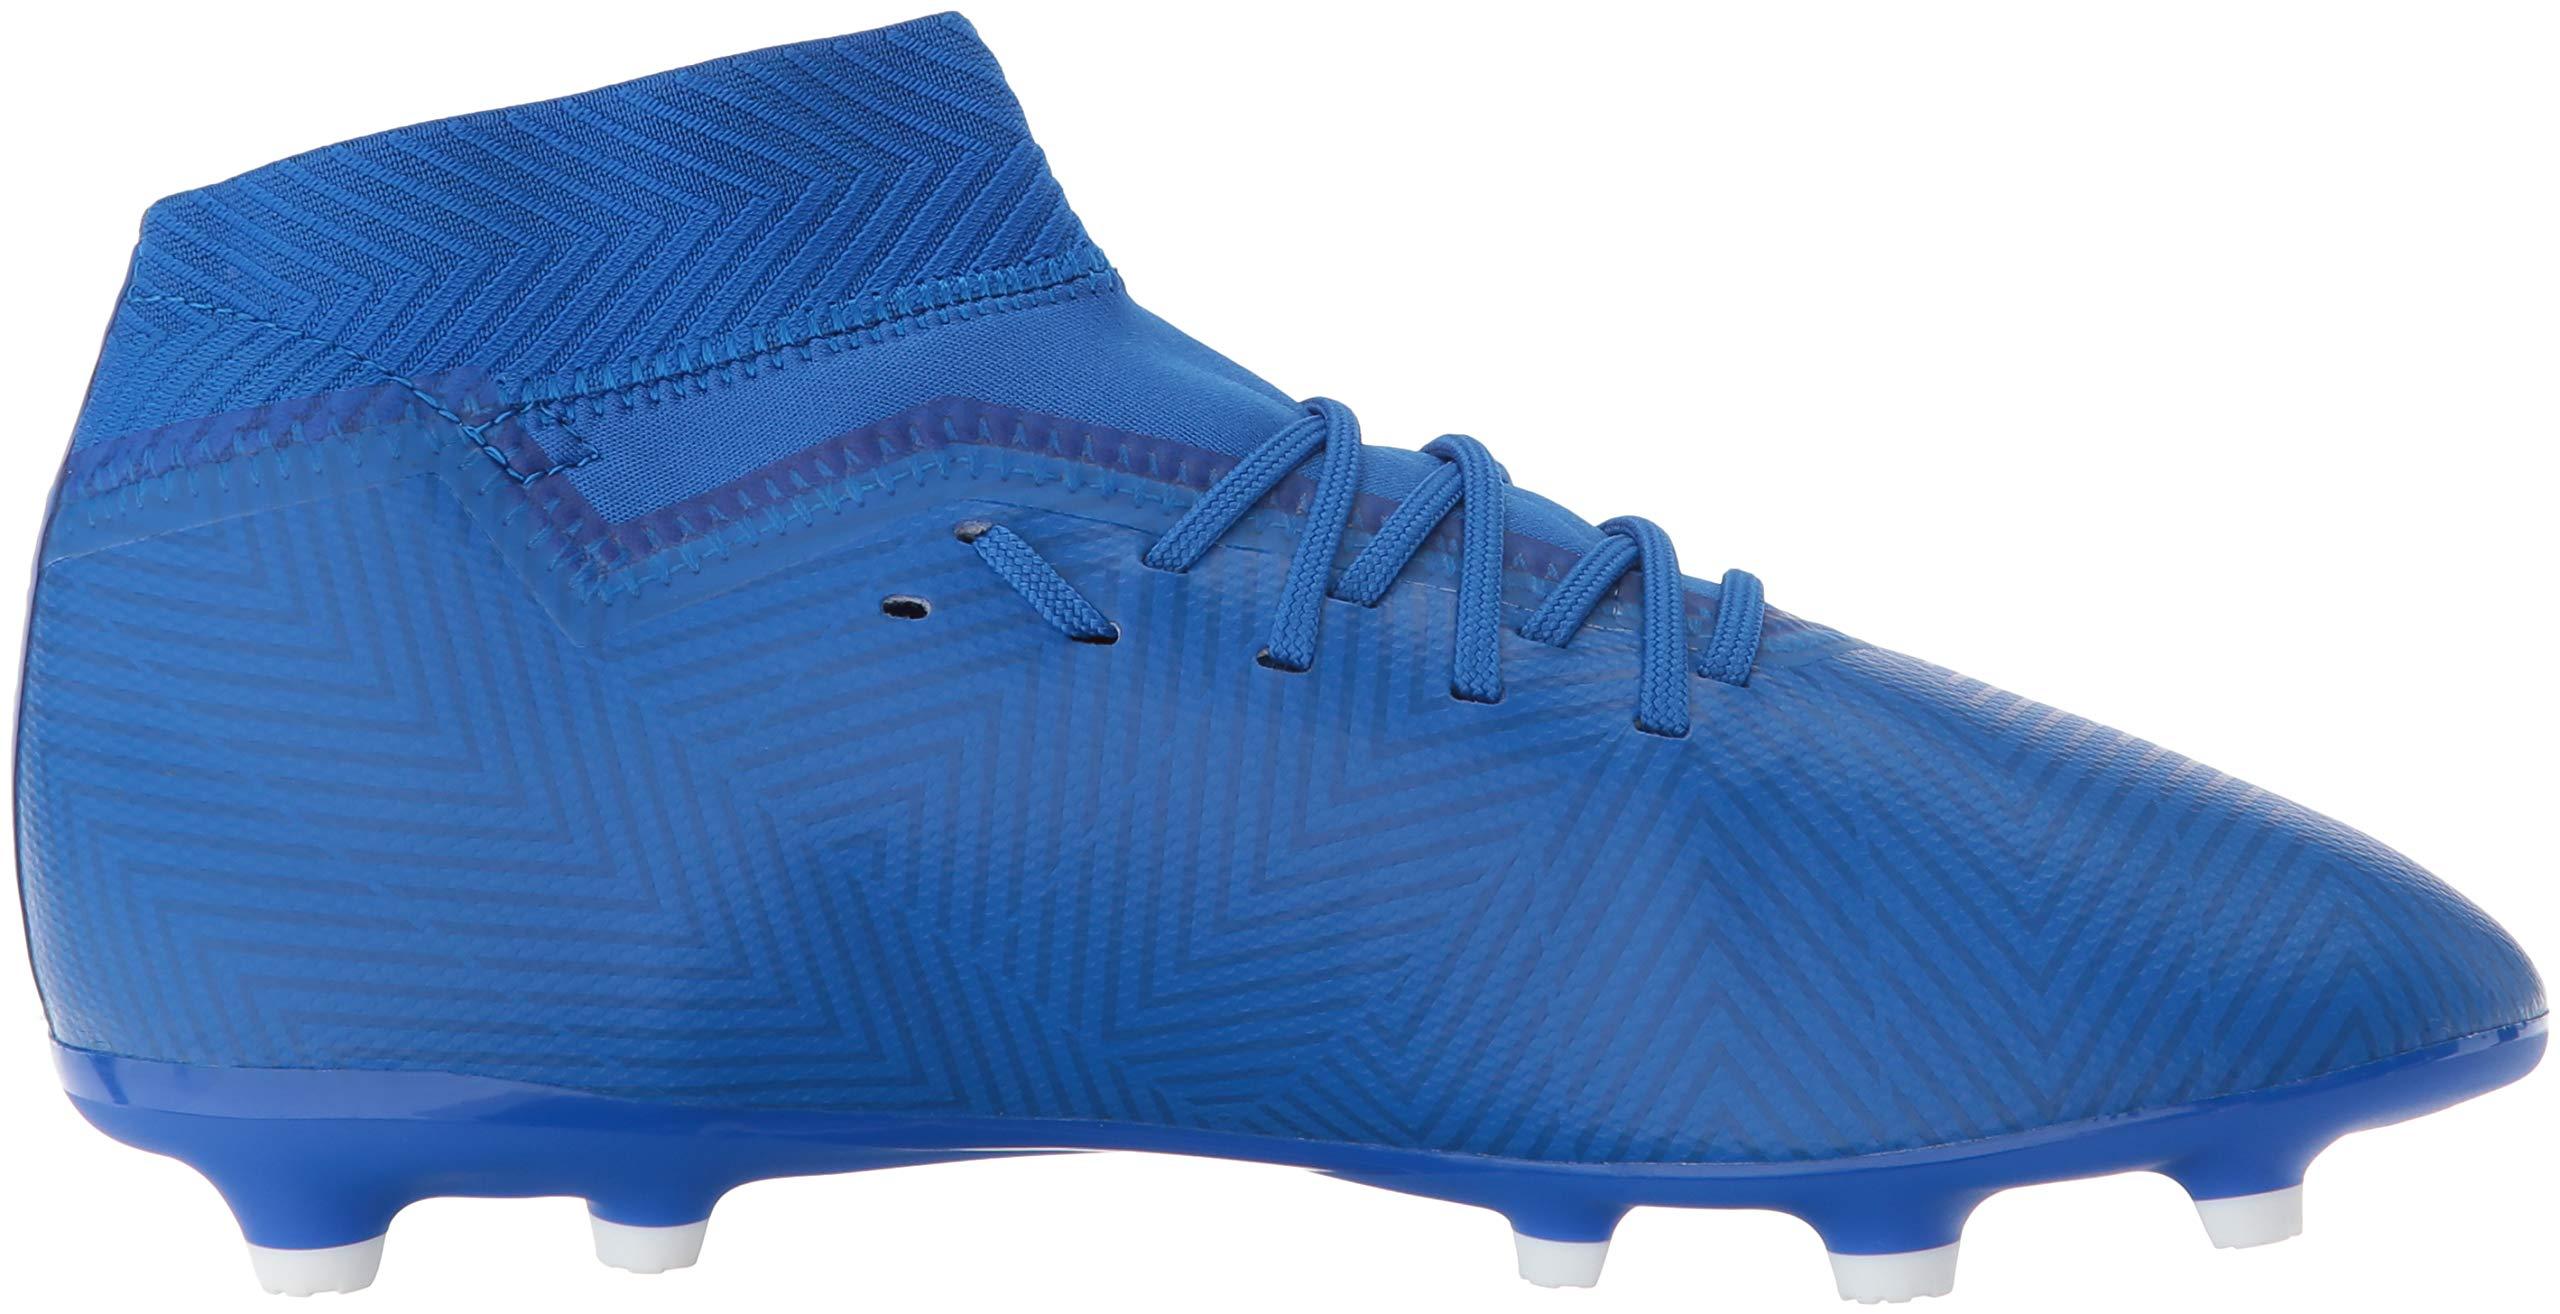 adidas Unisex Nemeziz 18.3 Firm Ground Soccer Shoe, White/Football Blue, 3.5 M US Big Kid by adidas (Image #7)